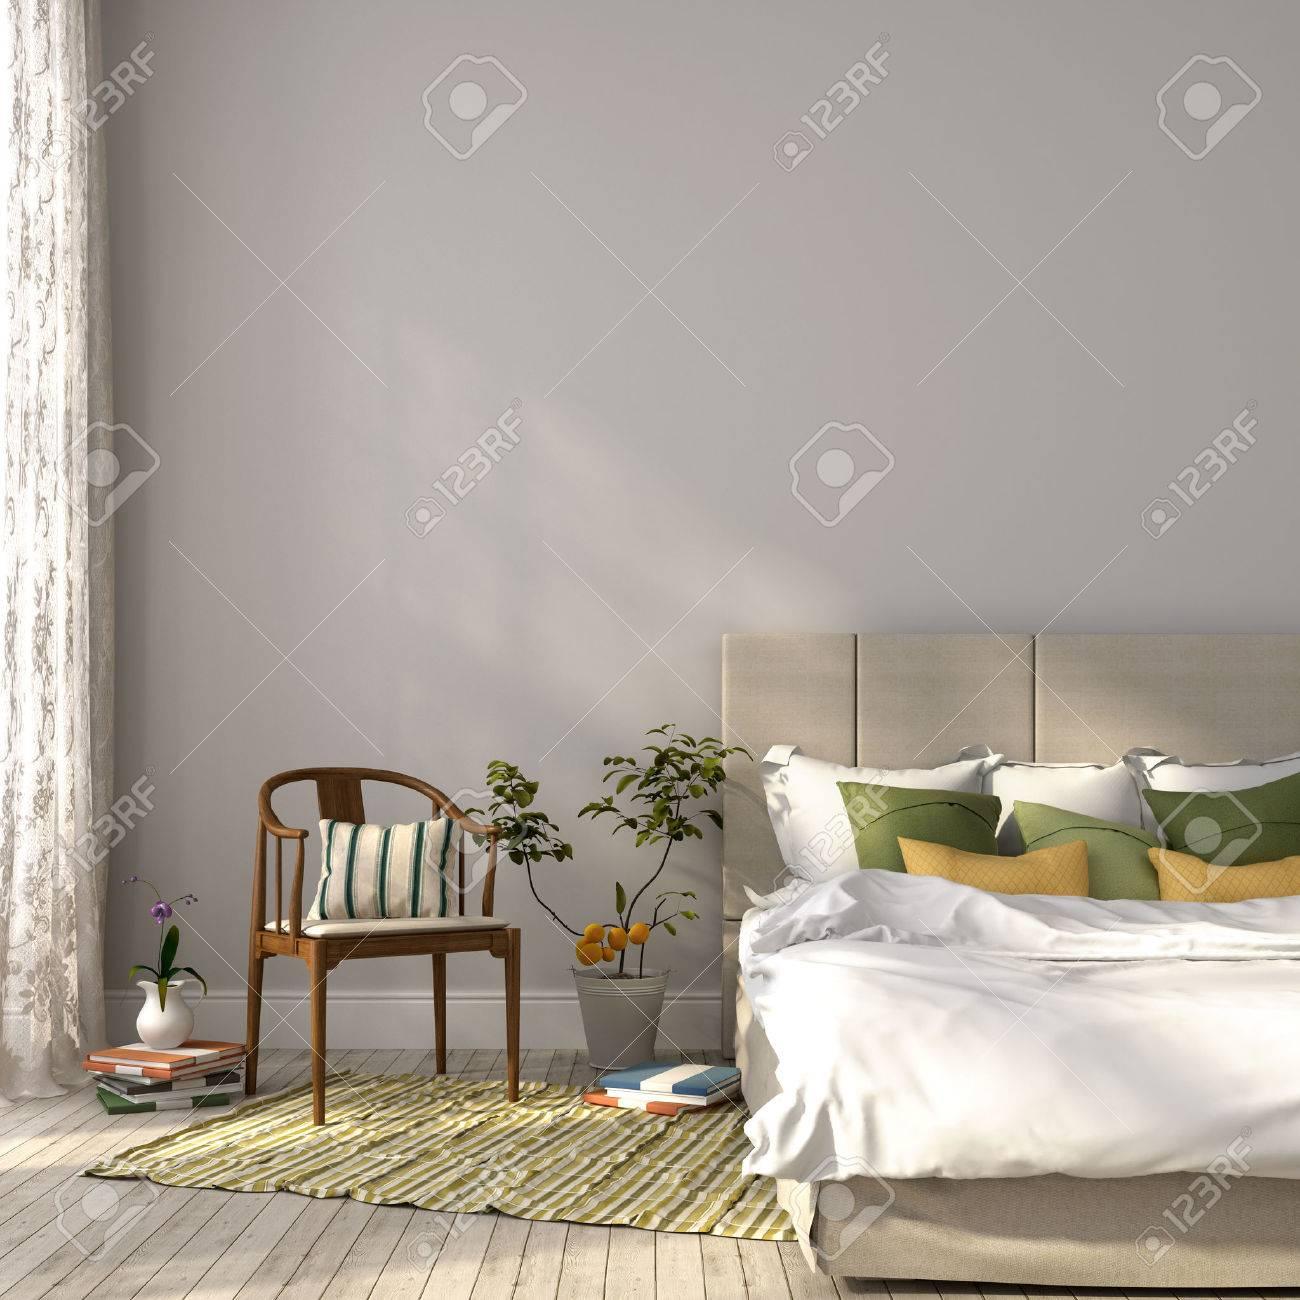 Schones Schlafzimmer In Beige Und Grun Einrichtung Die Auf Die